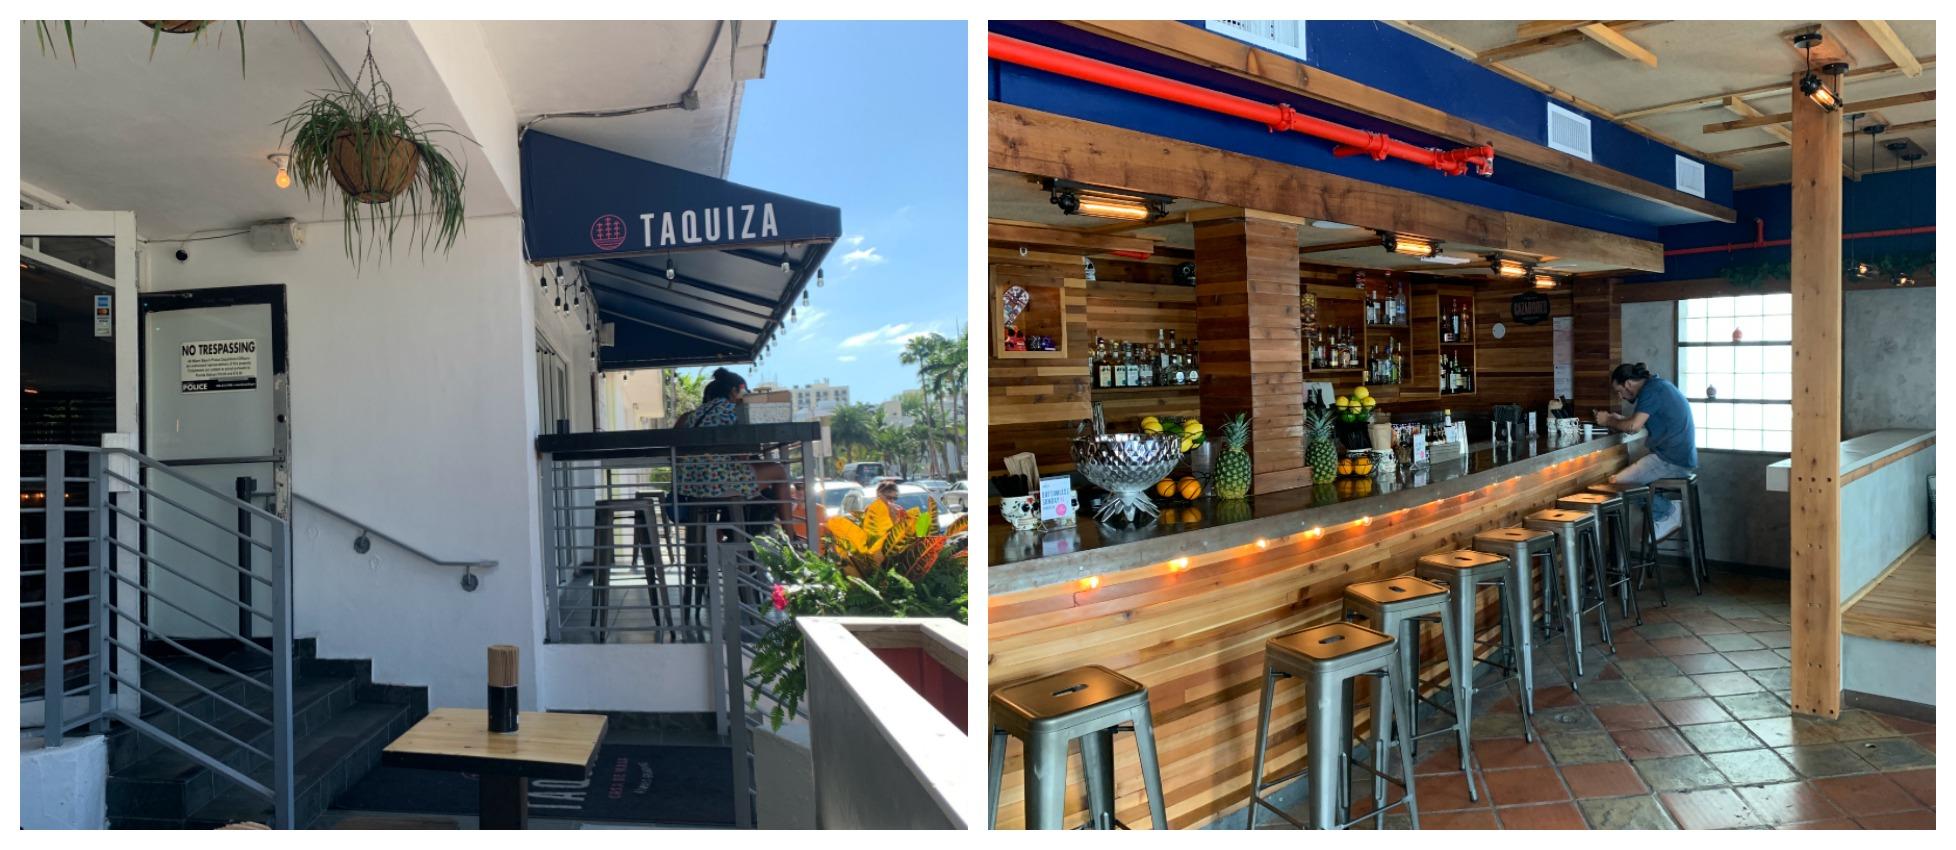 Taquiza South Beach